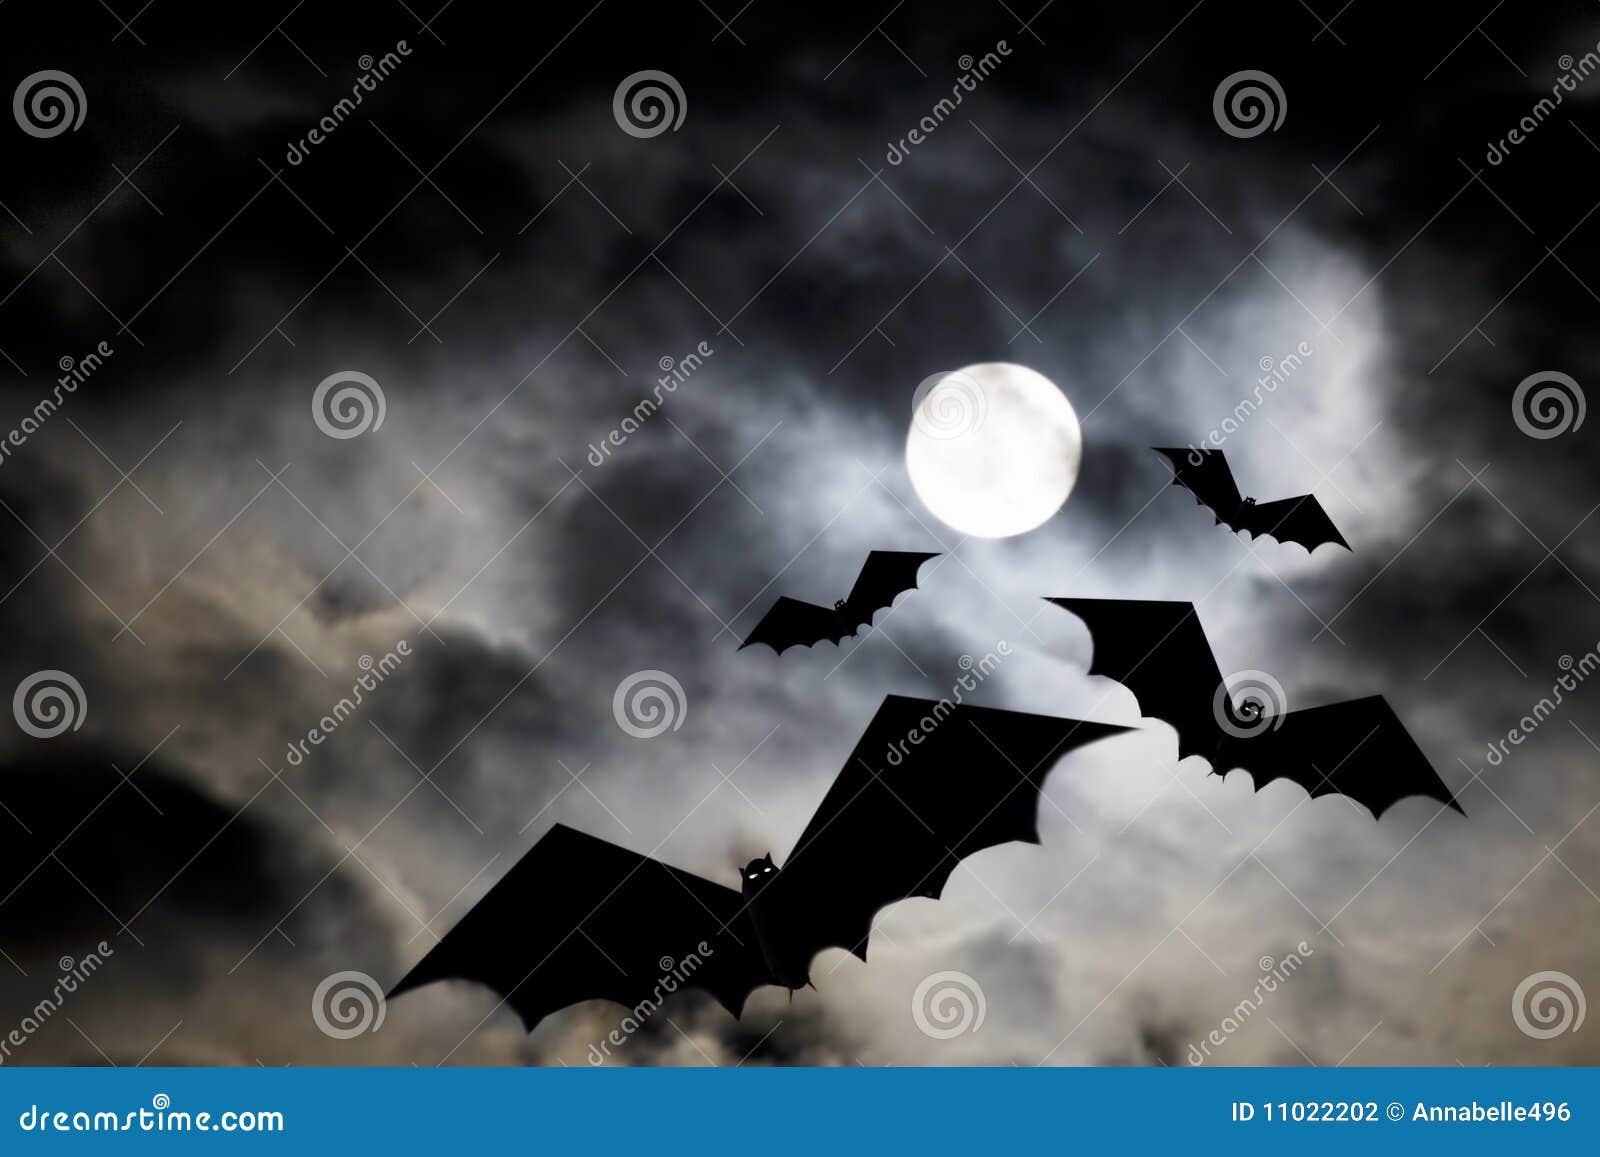 Luna de Víspera de Todos los Santos